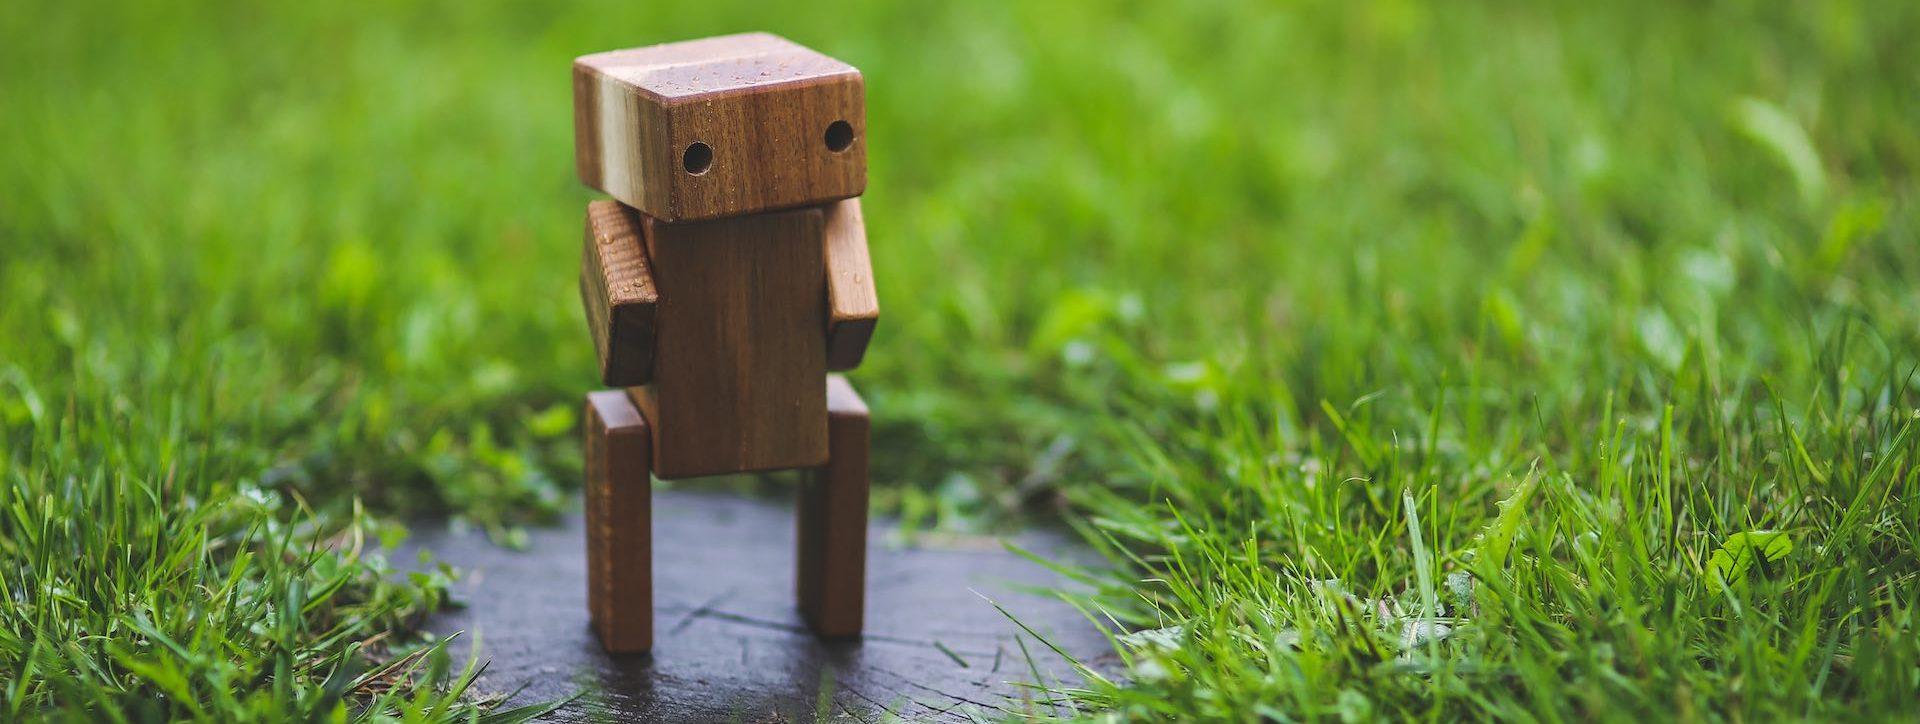 Ρομποτική και Αυτοματισμοί στη Μεσσηνία